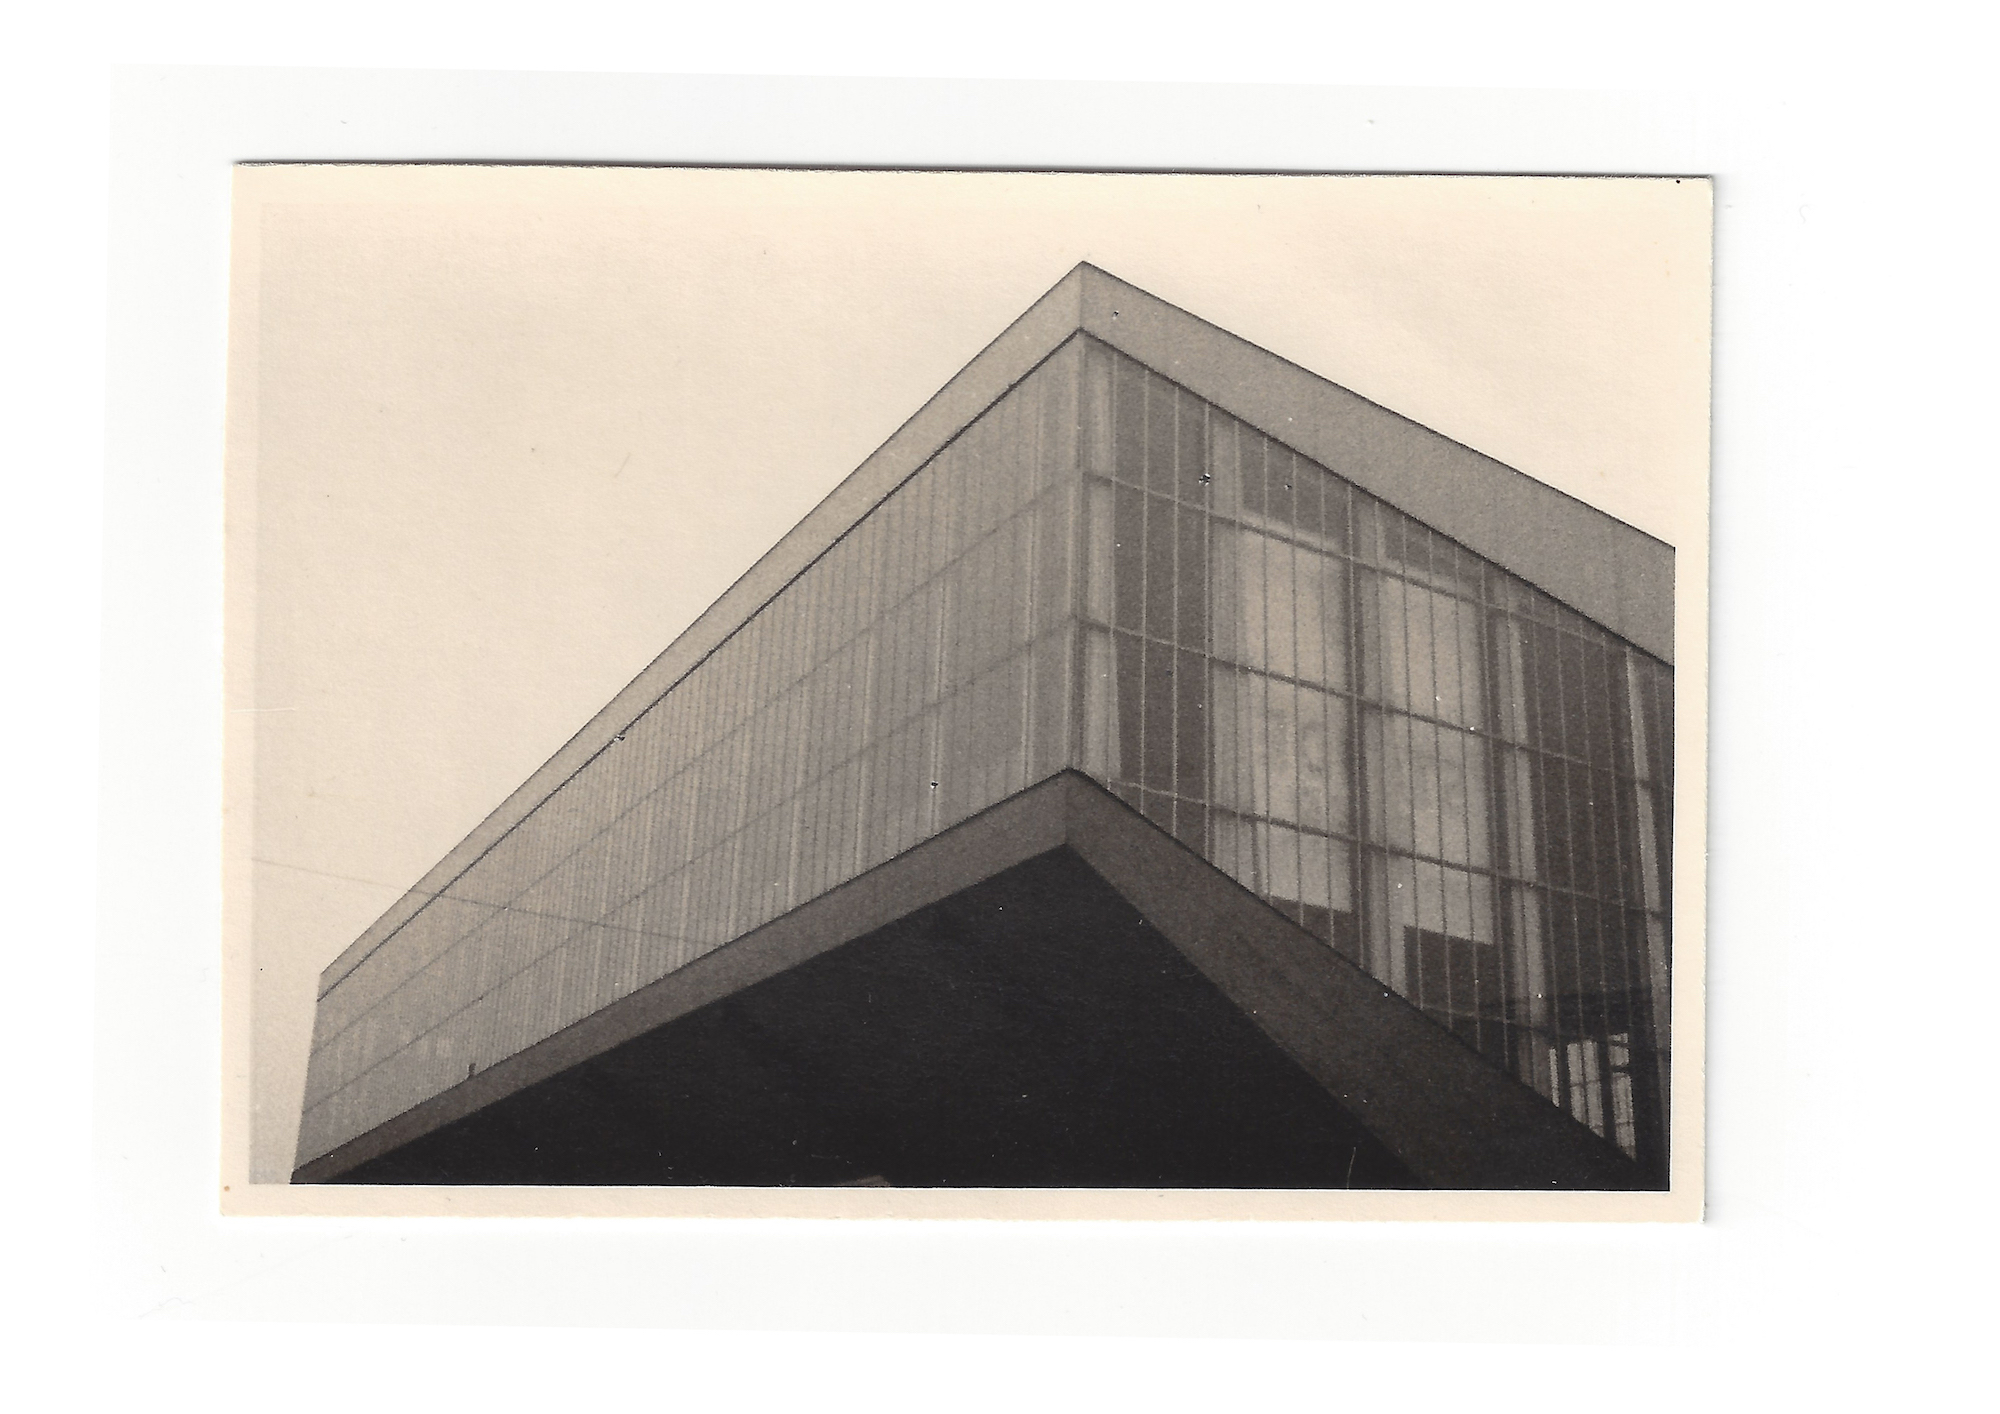 Historisches Bild der Grugahalle in Essen